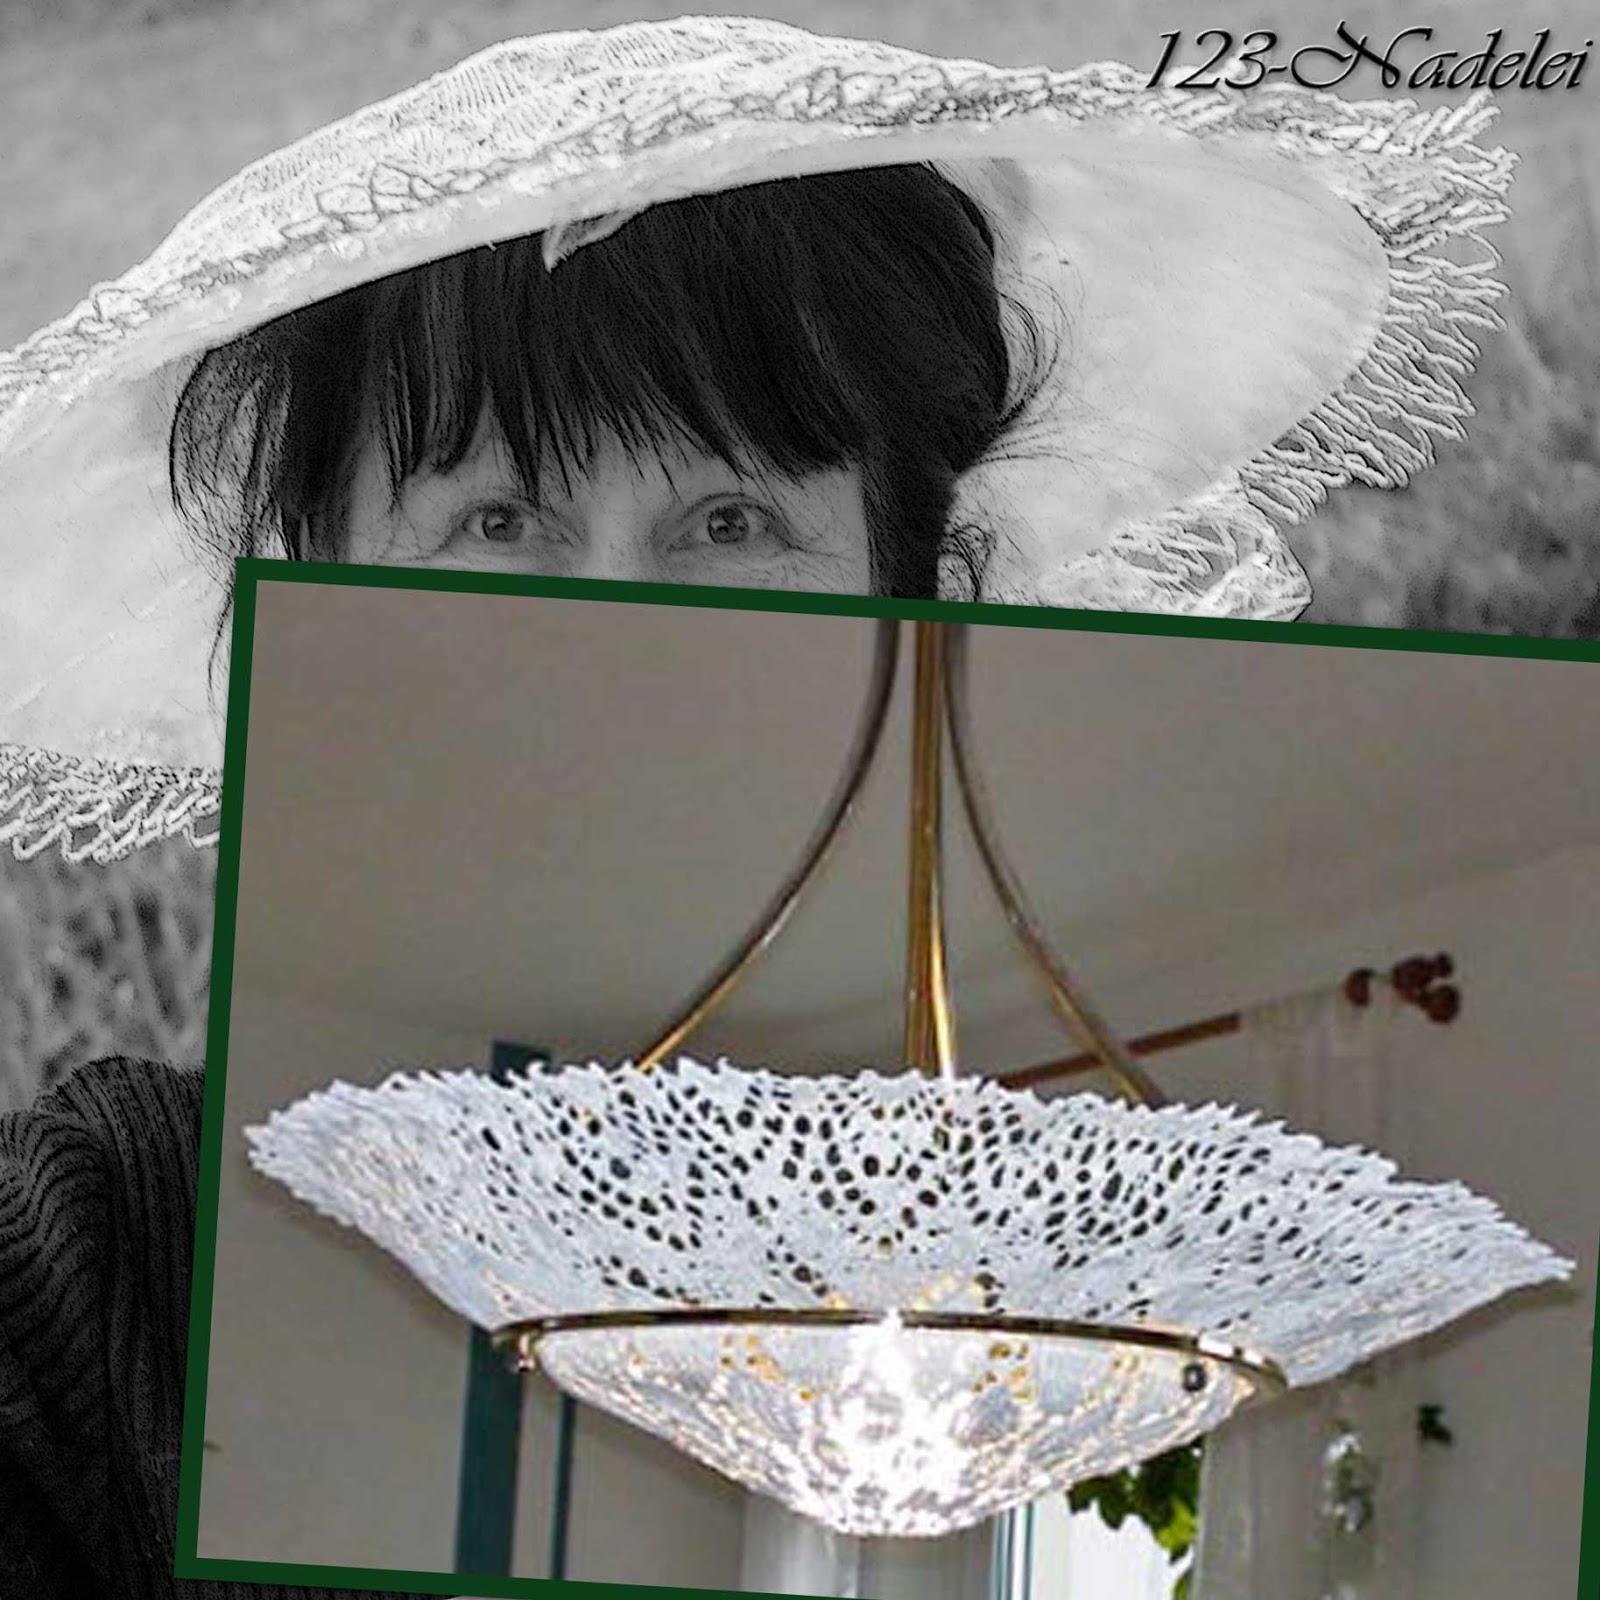 Gelegenheit Fr Eine Reparatur Bastelei War Die Zerdepperte Wohnzimmerlampe Meiner Freundin Seht Ihr Auch Schelmisch Gute Laune Unter Dem Lampenschirm